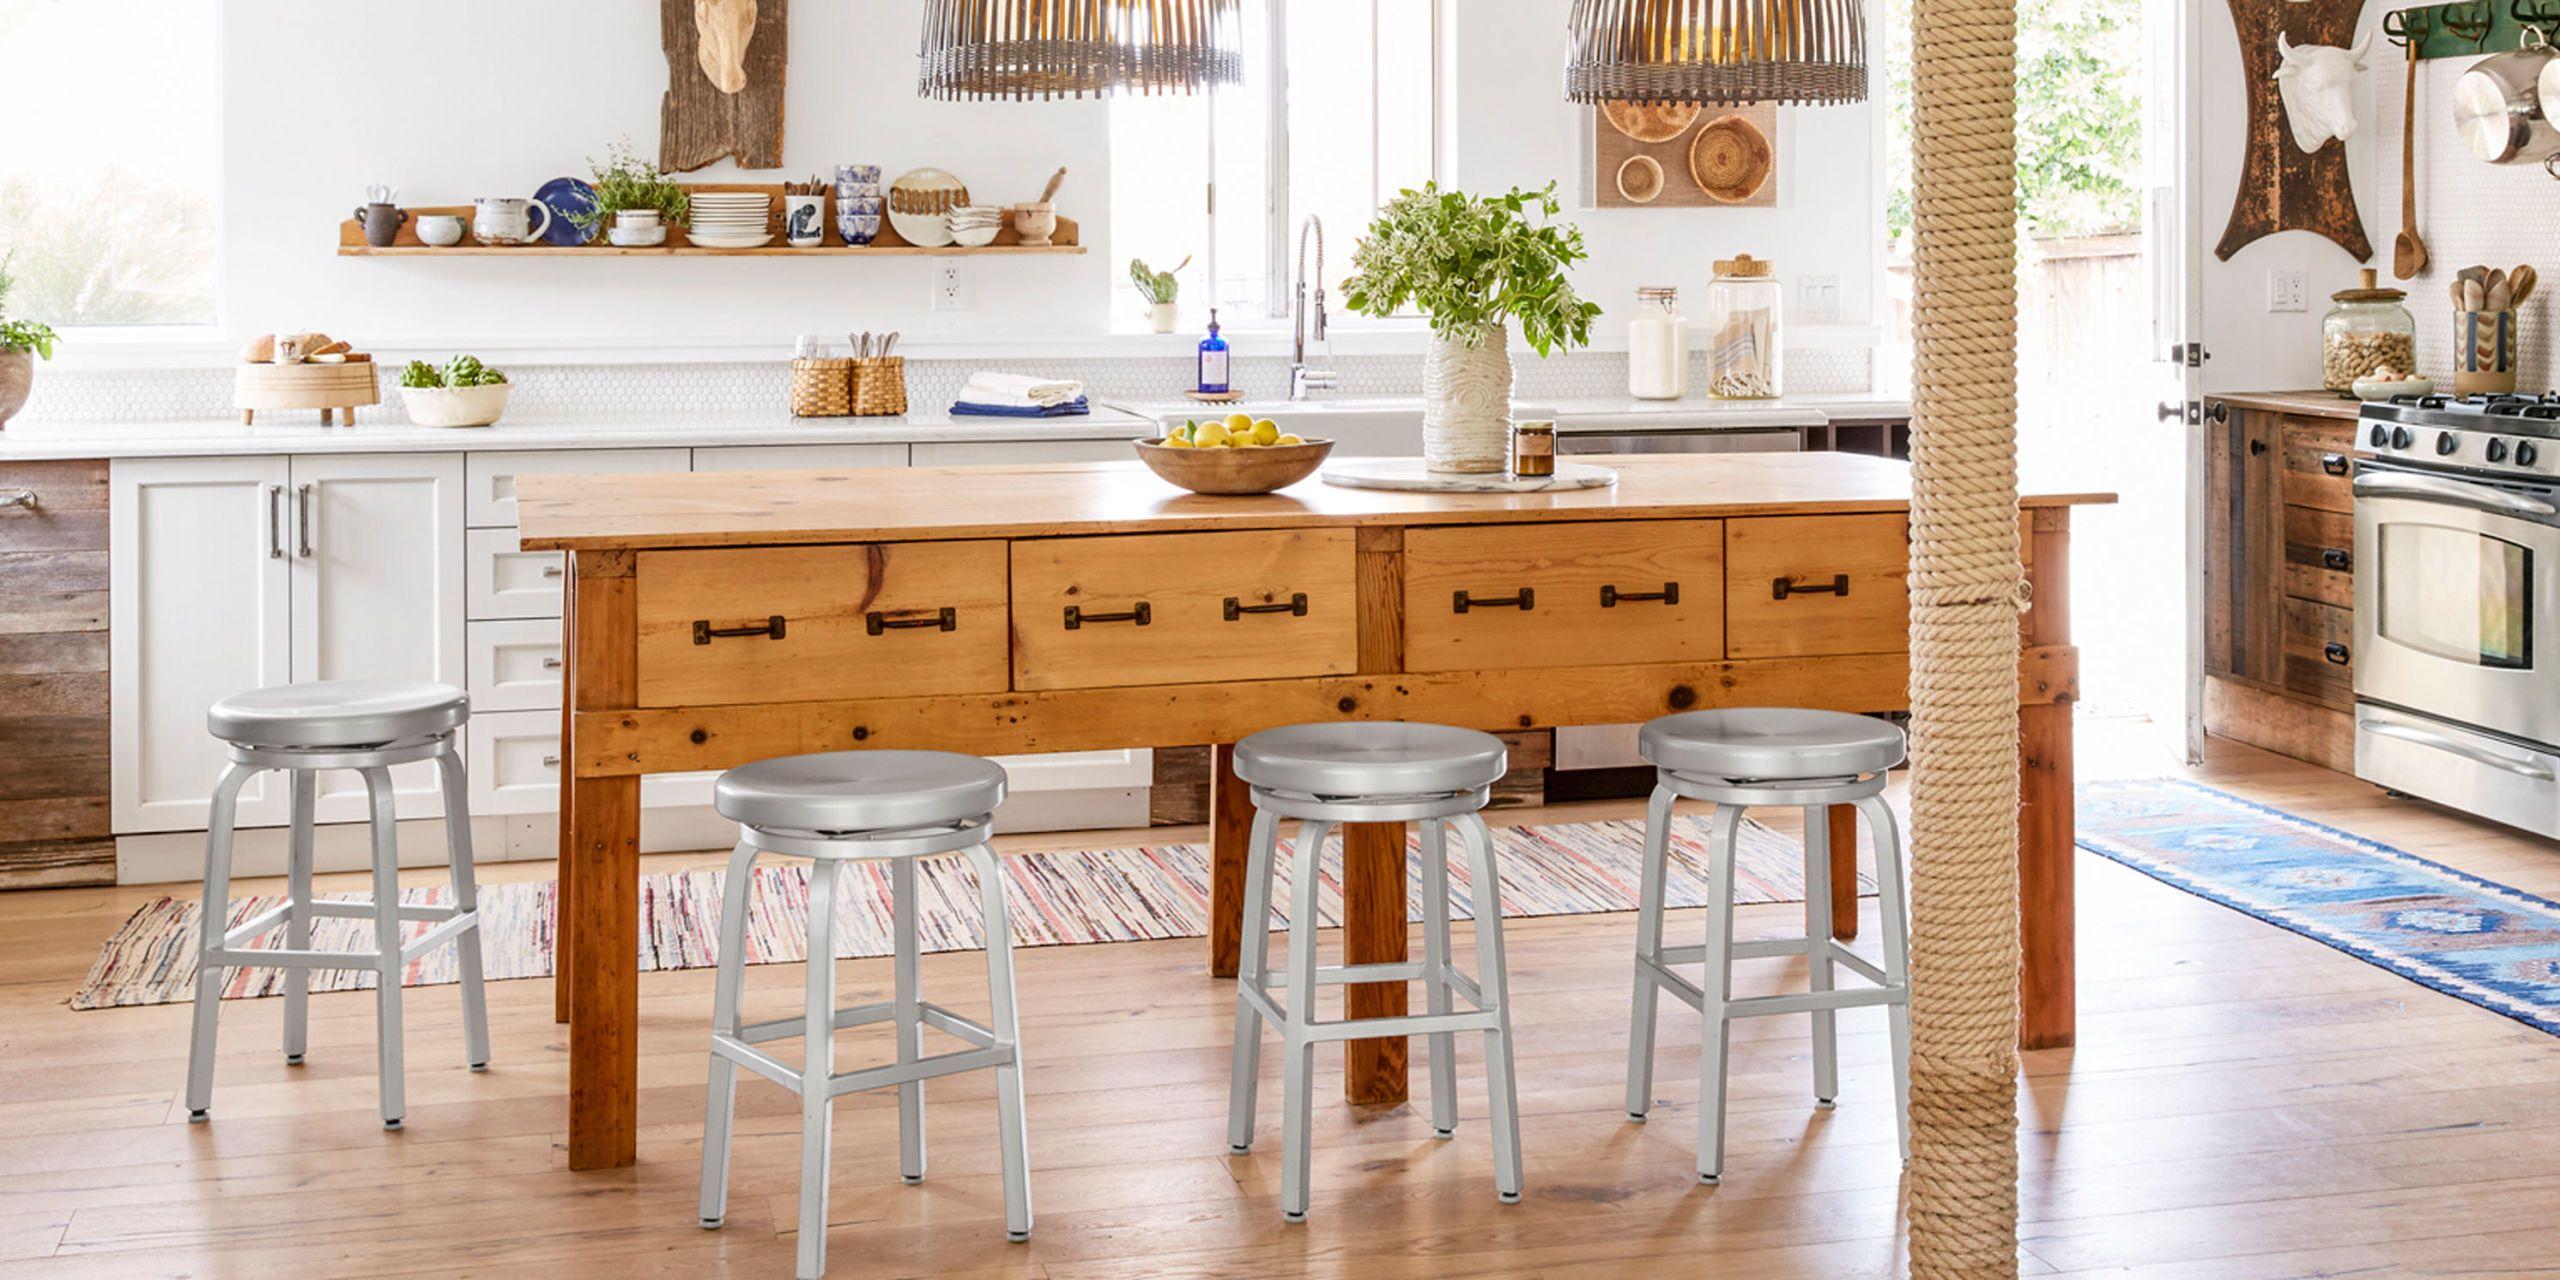 50 Best Kitchen Island Ideas Stylish Designs for Kitchen Islands